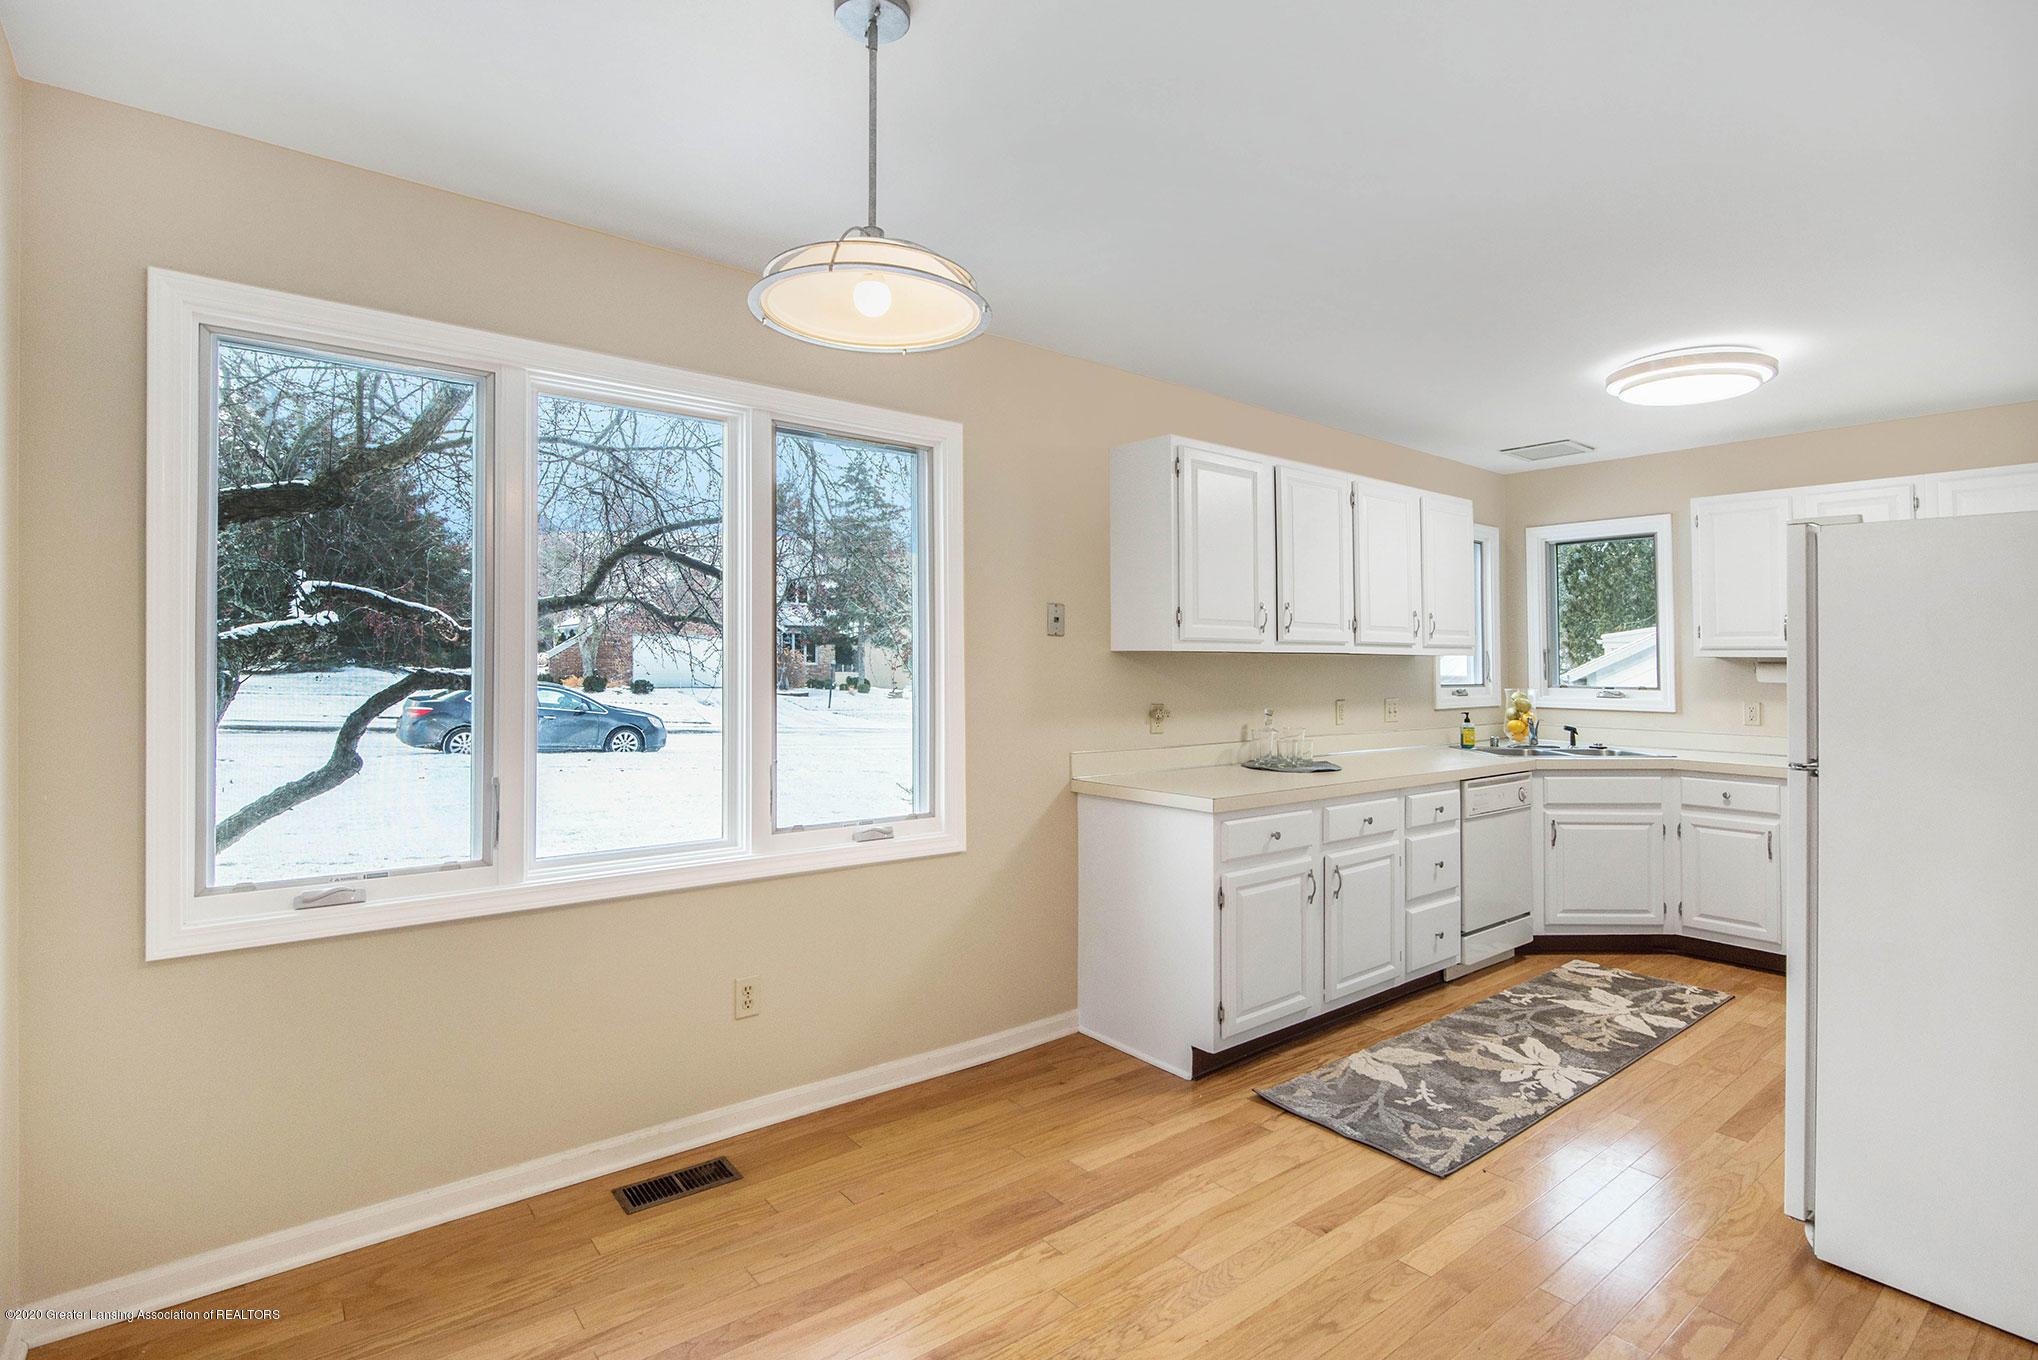 2592 Woodhill Dr - Kitchen - 13